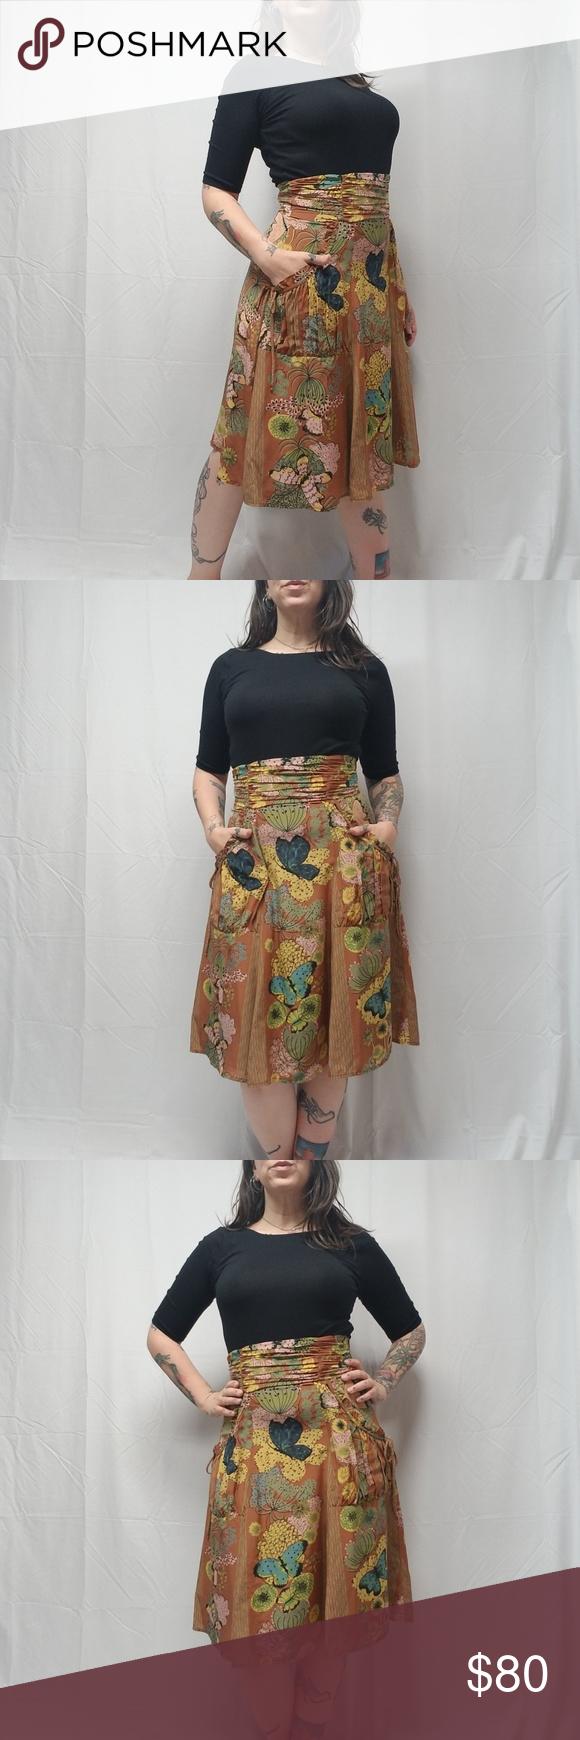 ca173c6ce4e636 NANETTE LEPORE 100% Silk Butterfly Cactus Skirt NANETTE LEPORE.  348 retail  High Waisted Skirt